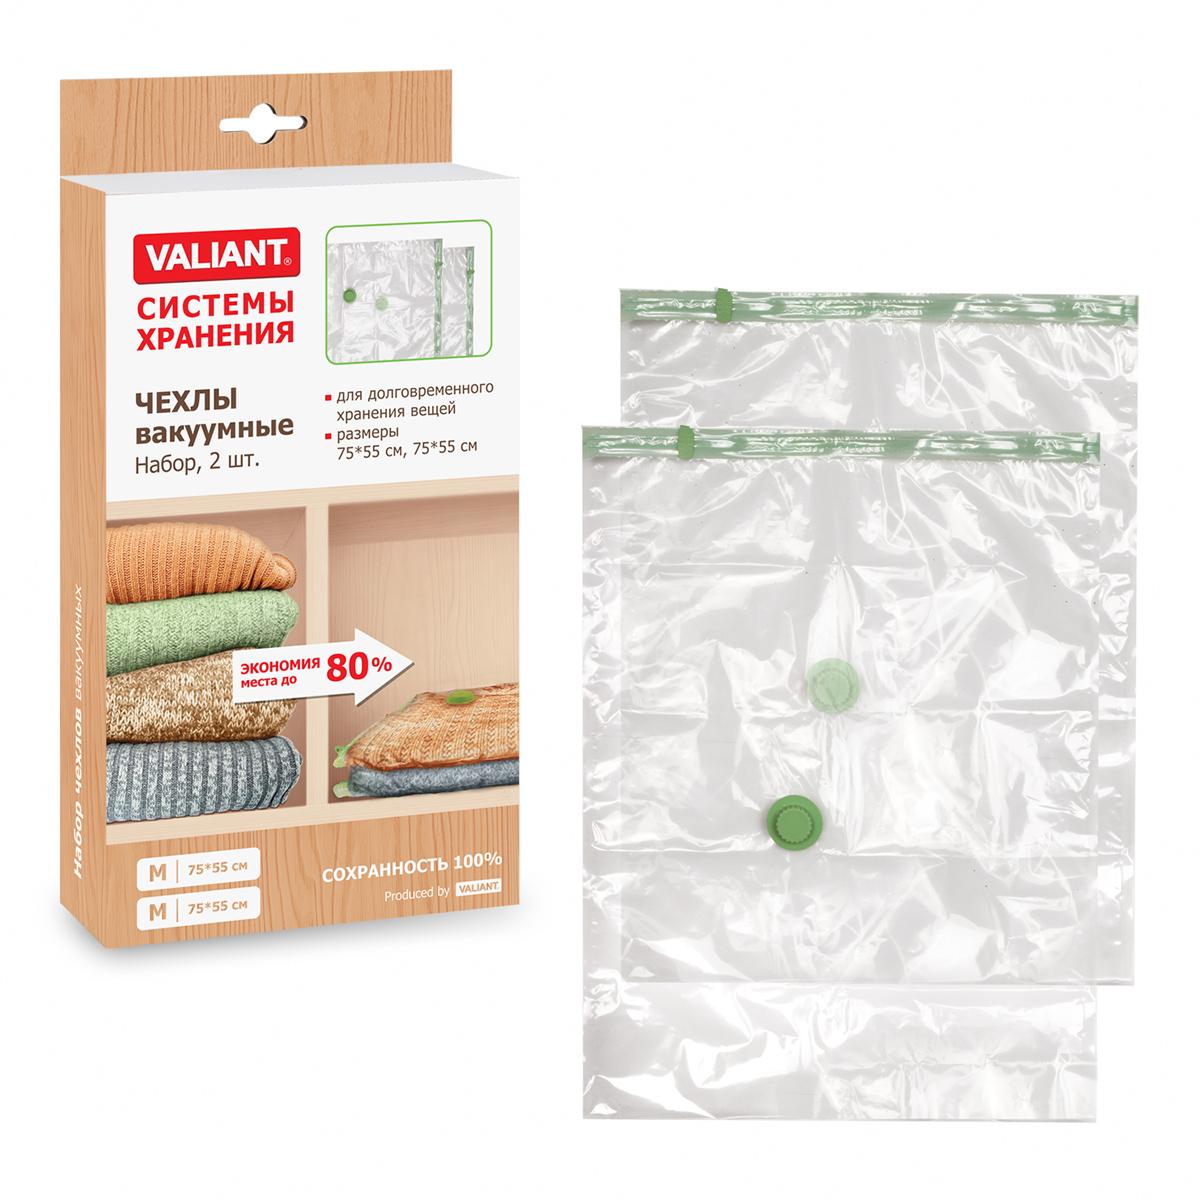 Чехлы вакуумные Valiant, 75 х 55 см, 2 штRG-D31SВакуумные чехлы Valiant предназначены для долговременного хранения вещей. Они отлично защитят вашу одежду от пыли и других загрязнений, а также помогут надолго сохранить ее безупречный вид. Чехлы изготовлены из высококачественных полимерных материалов. Достоинства чехлов Valiant:- вещи сжимаются в объеме на 80%, полностью сохраняя свое качество;- вещи можно хранить в течение целого сезона (осенью и зимой - летний гардероб, летом - зимние свитера, шарфы, теплые одеяла);- надежная защита вещей от любых повреждений - влаги, пыли, пятен, плесени, моли и других насекомых, а также от обесцвечивания, запахов и бактерий;- откачать воздух можно как ручным насосом, так и любым стандартным пылесосом (отверстие клапана 27 мм).Комплектация: 2 шт.Размер чехла: 75 см х 55 см.